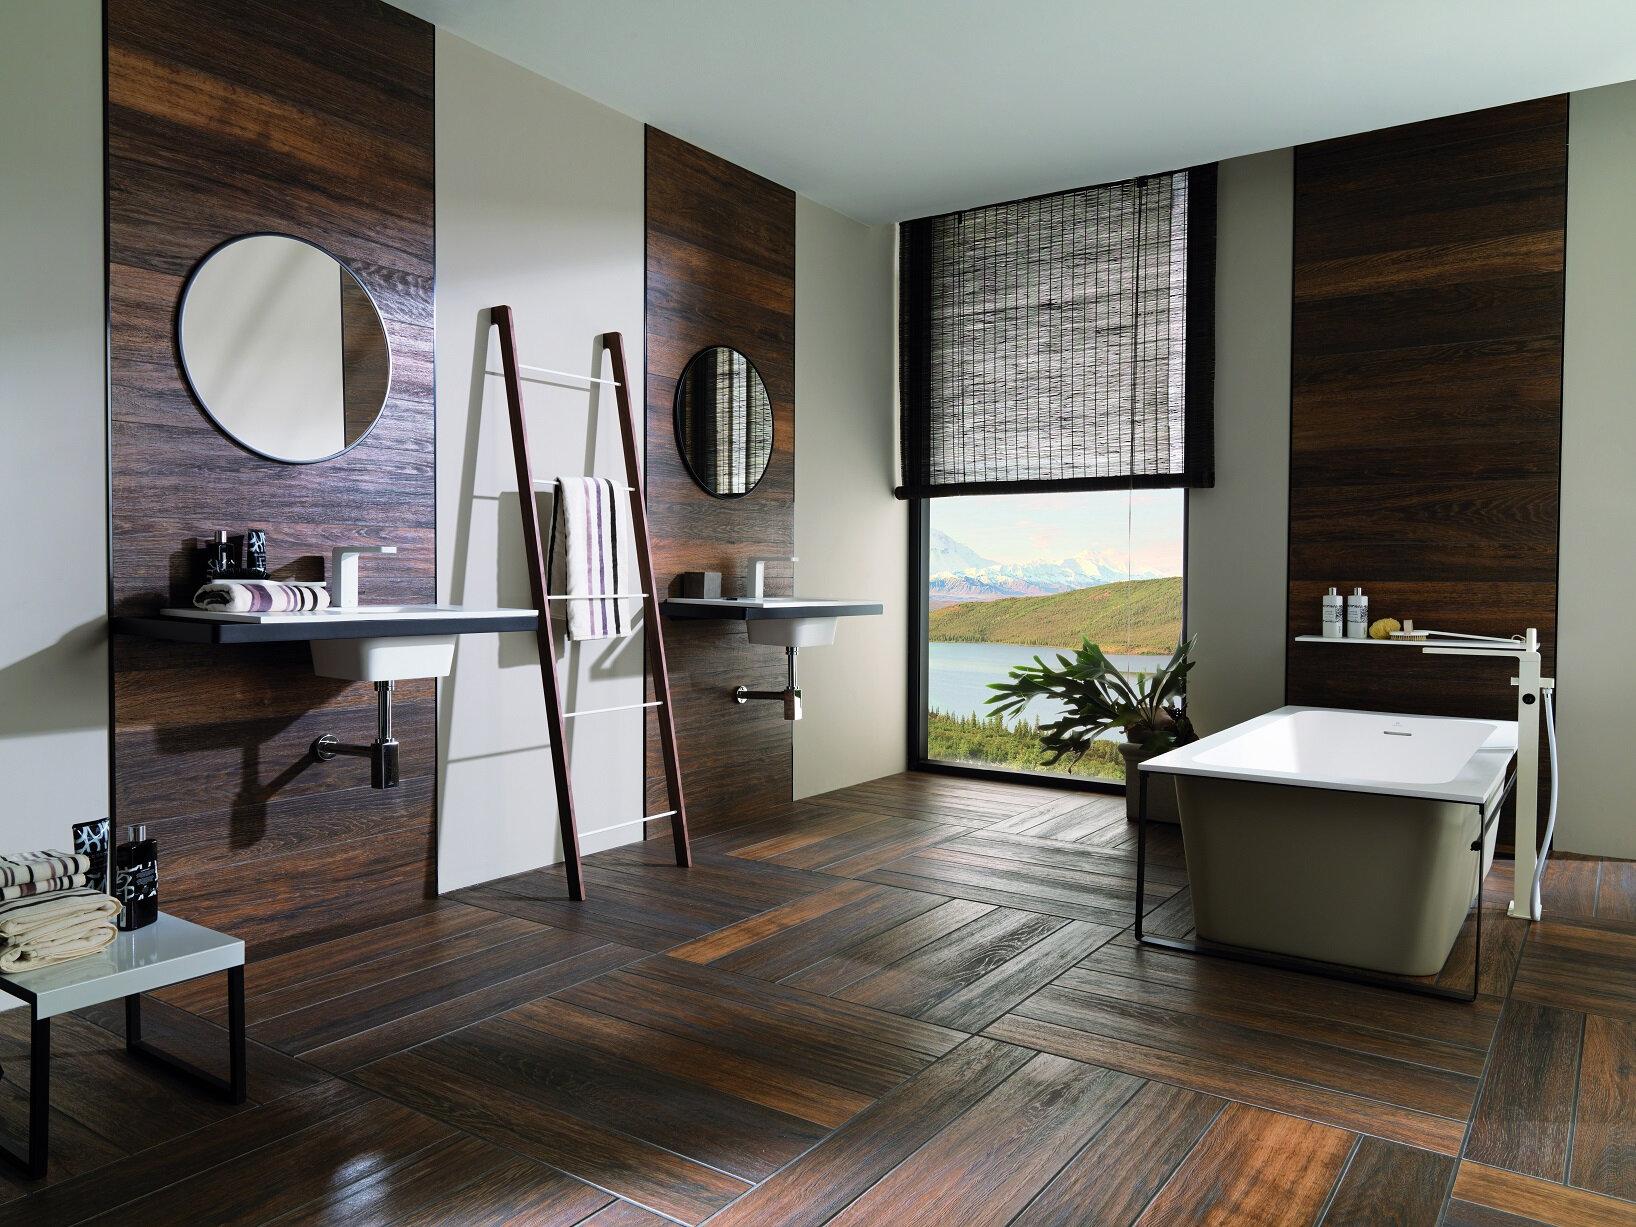 двух плитка под дерево в ванную купить москва объясняется огромное количество